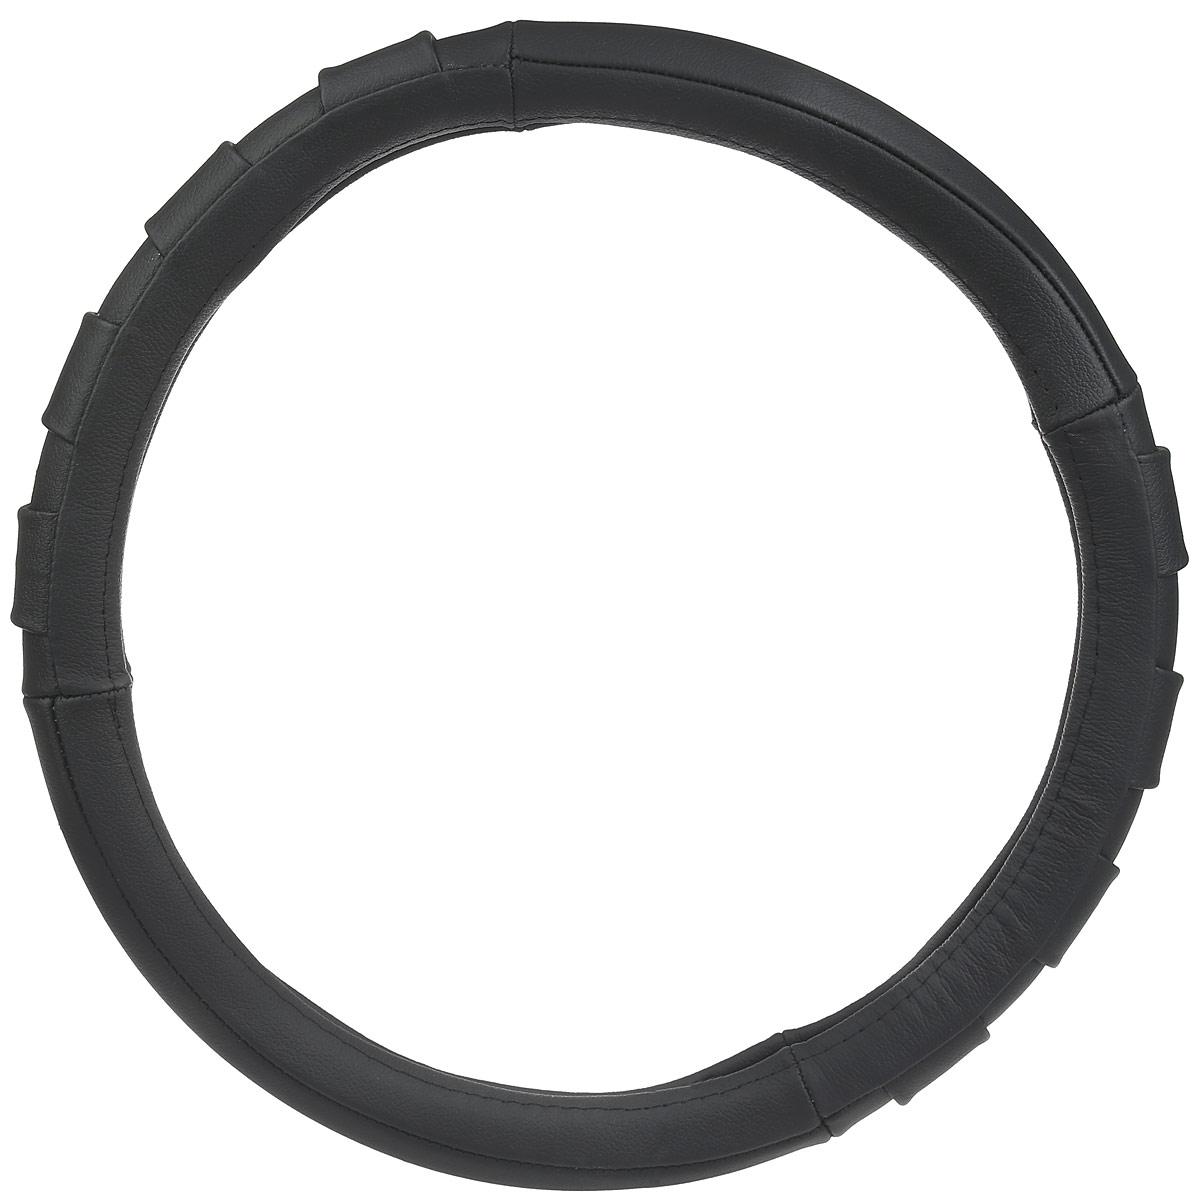 Оплетка руля Autoprofi AP-470, со вставками гармошка, цвет: черный. Размер M (38 см). AP-470 BK (M) оплетка руля autoprofi натуральная кожа размер м черная